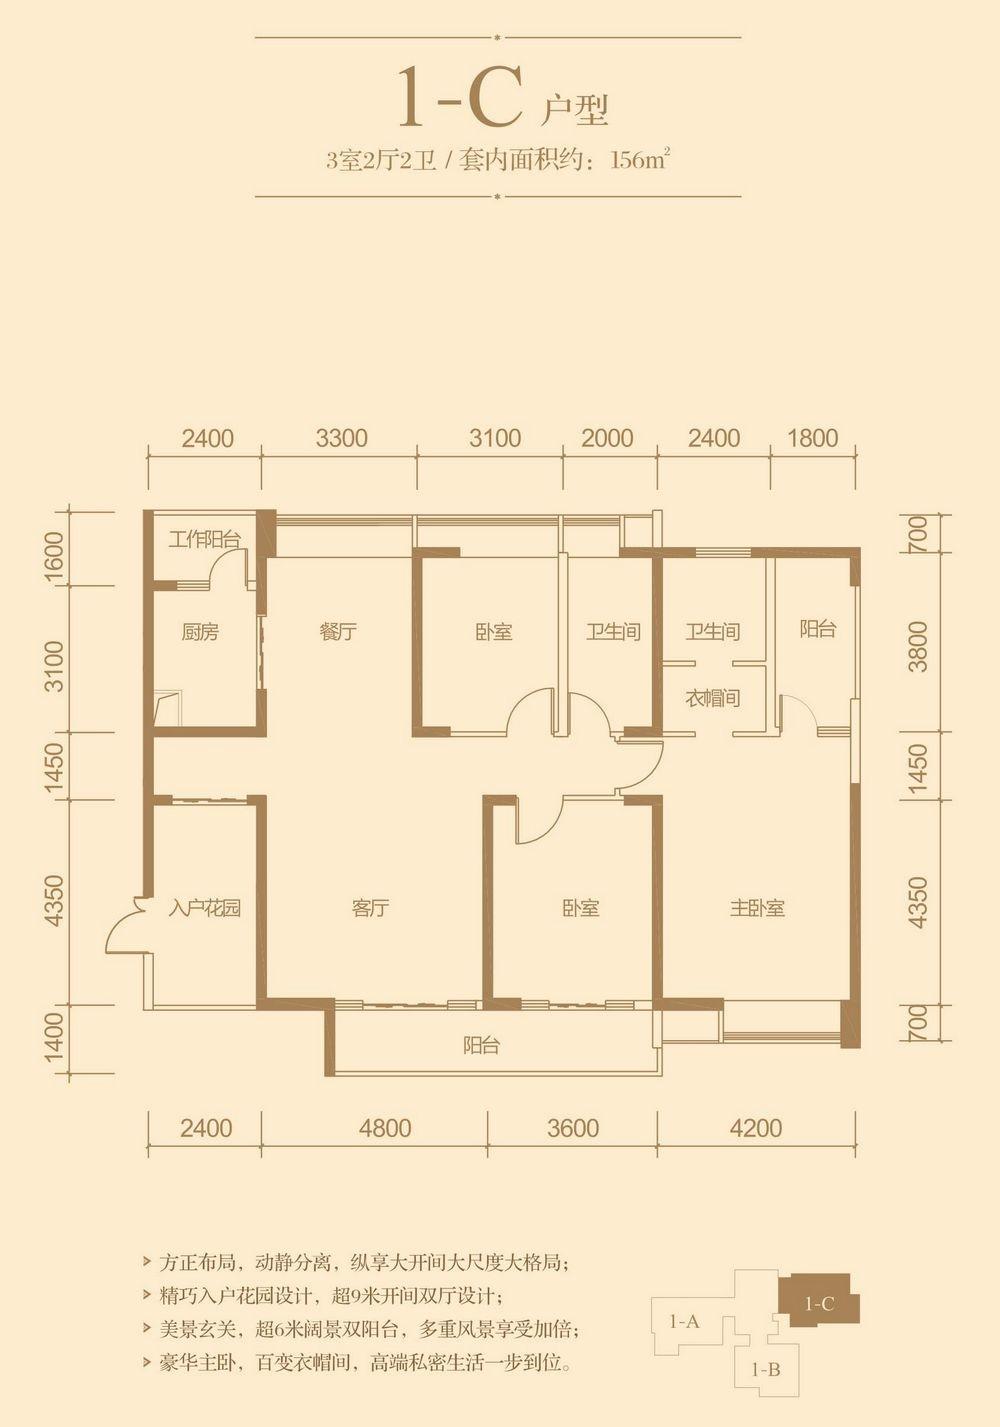 天安数码城江畔珑园1-C户型 三室两厅两卫 套内面积约156平米